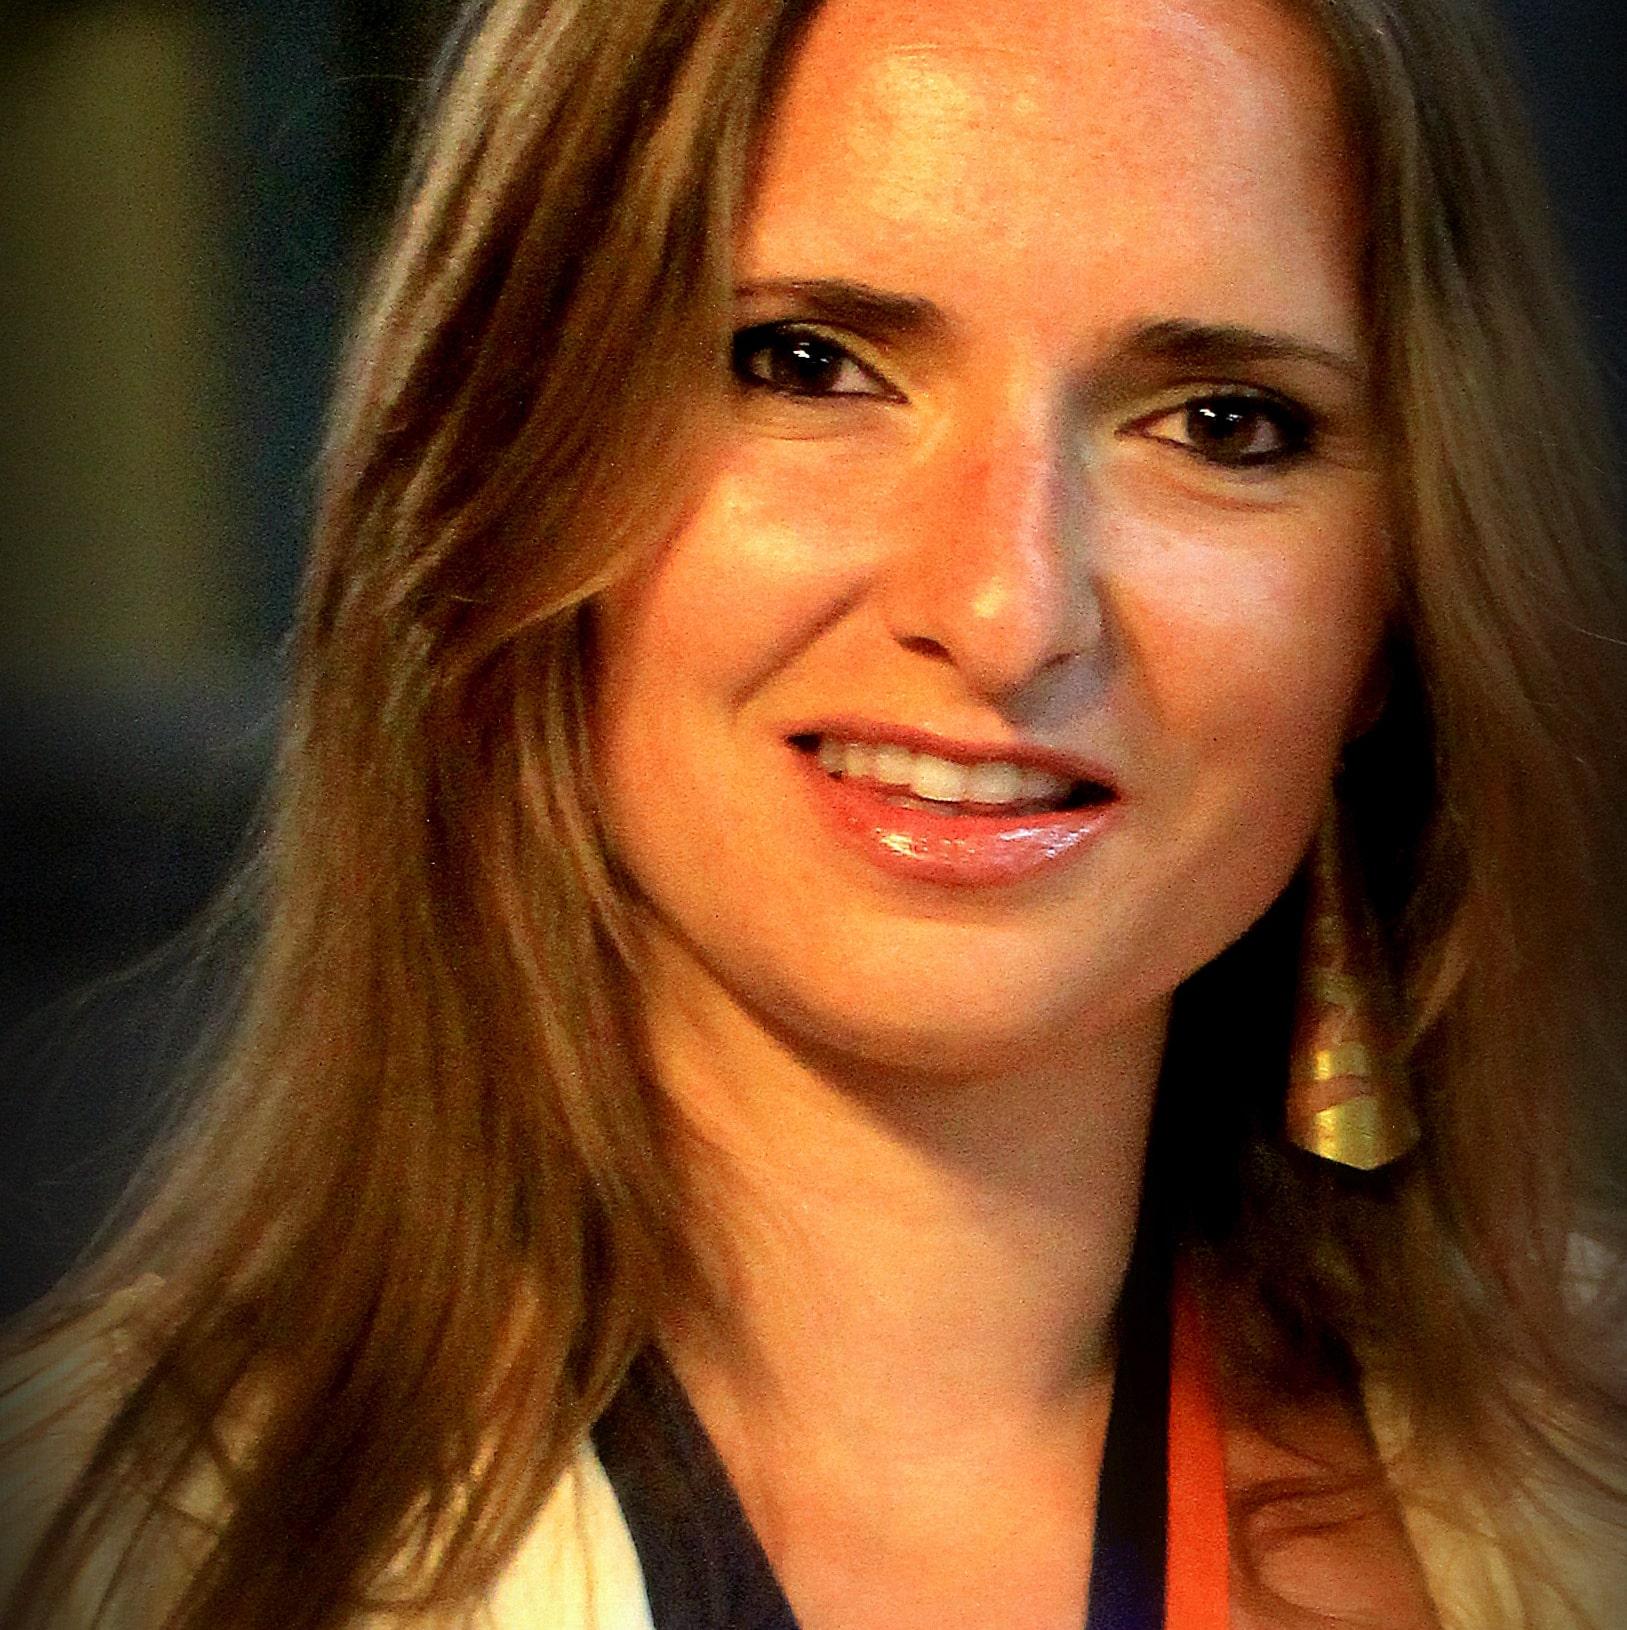 María Cristina Alé